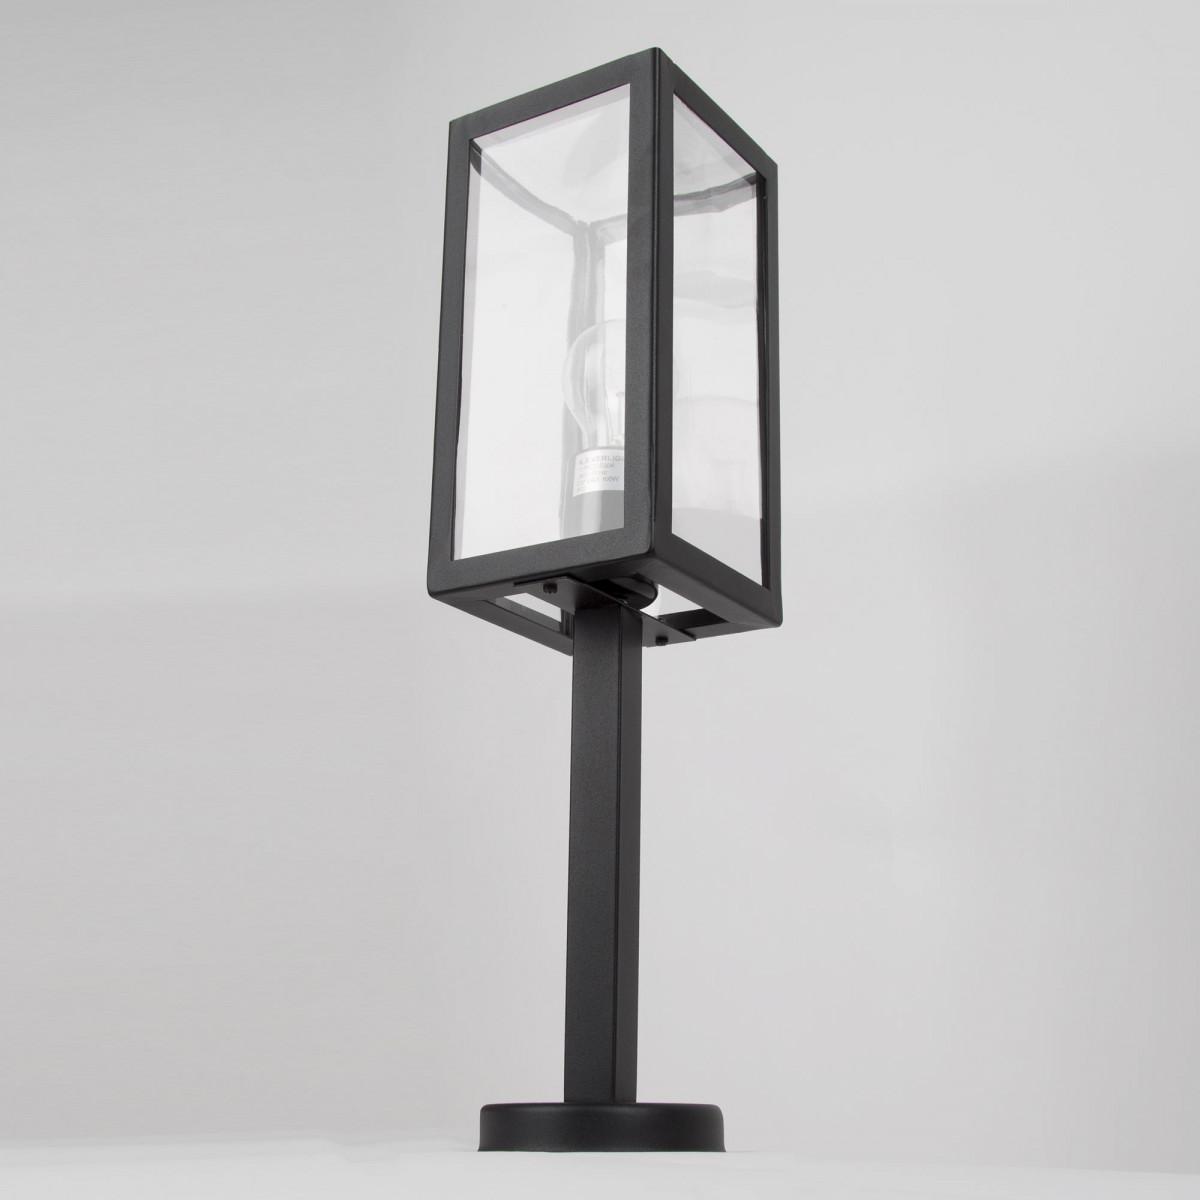 Buitenverlichting Huizen sokkel, modern box design tuinverlichting, zwarte tuinlamp van KS Verlichting